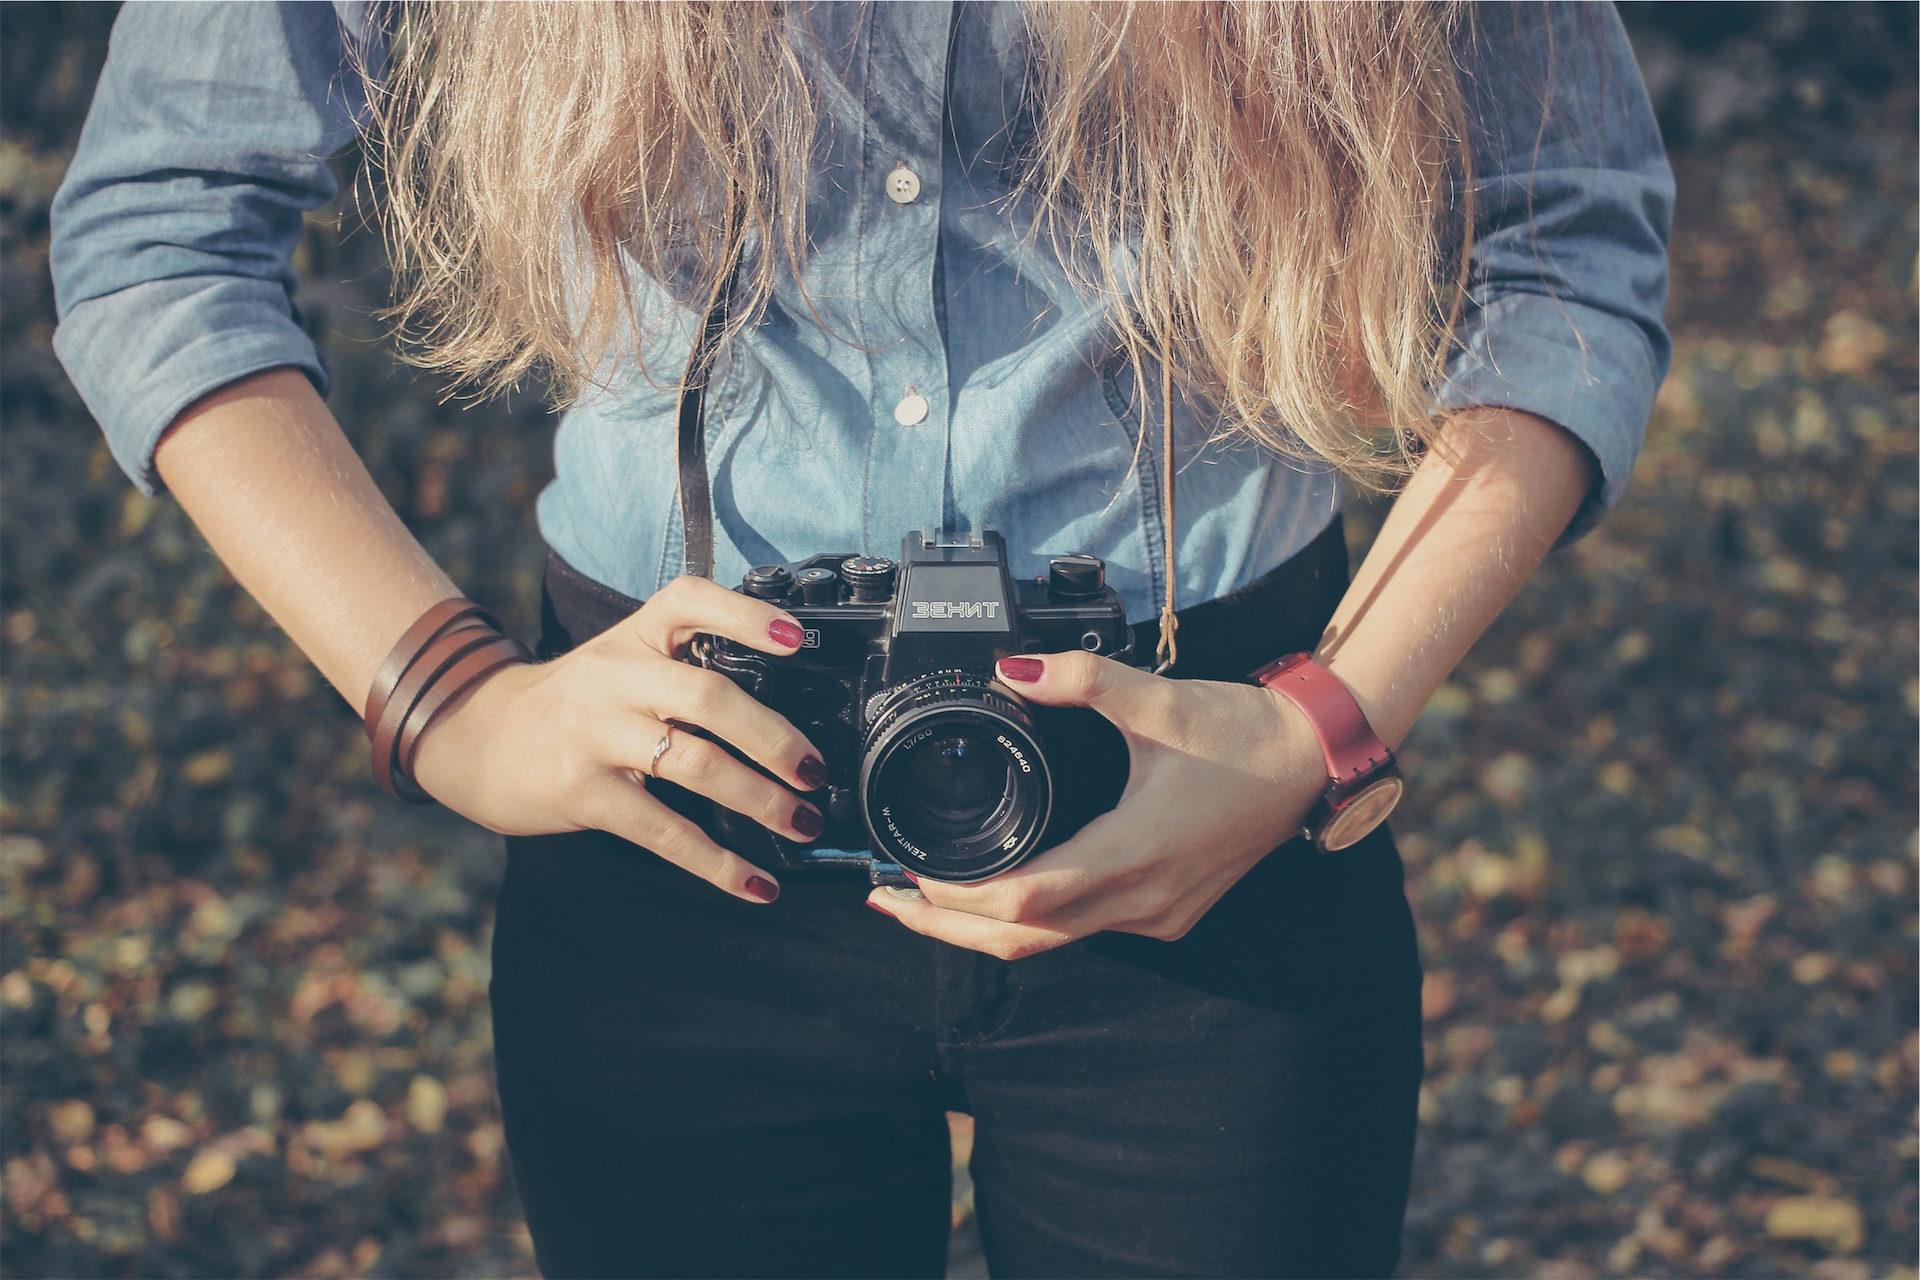 相机, 女人, 头发, 手, 手表 - 高清壁纸 - 教授-falken.com